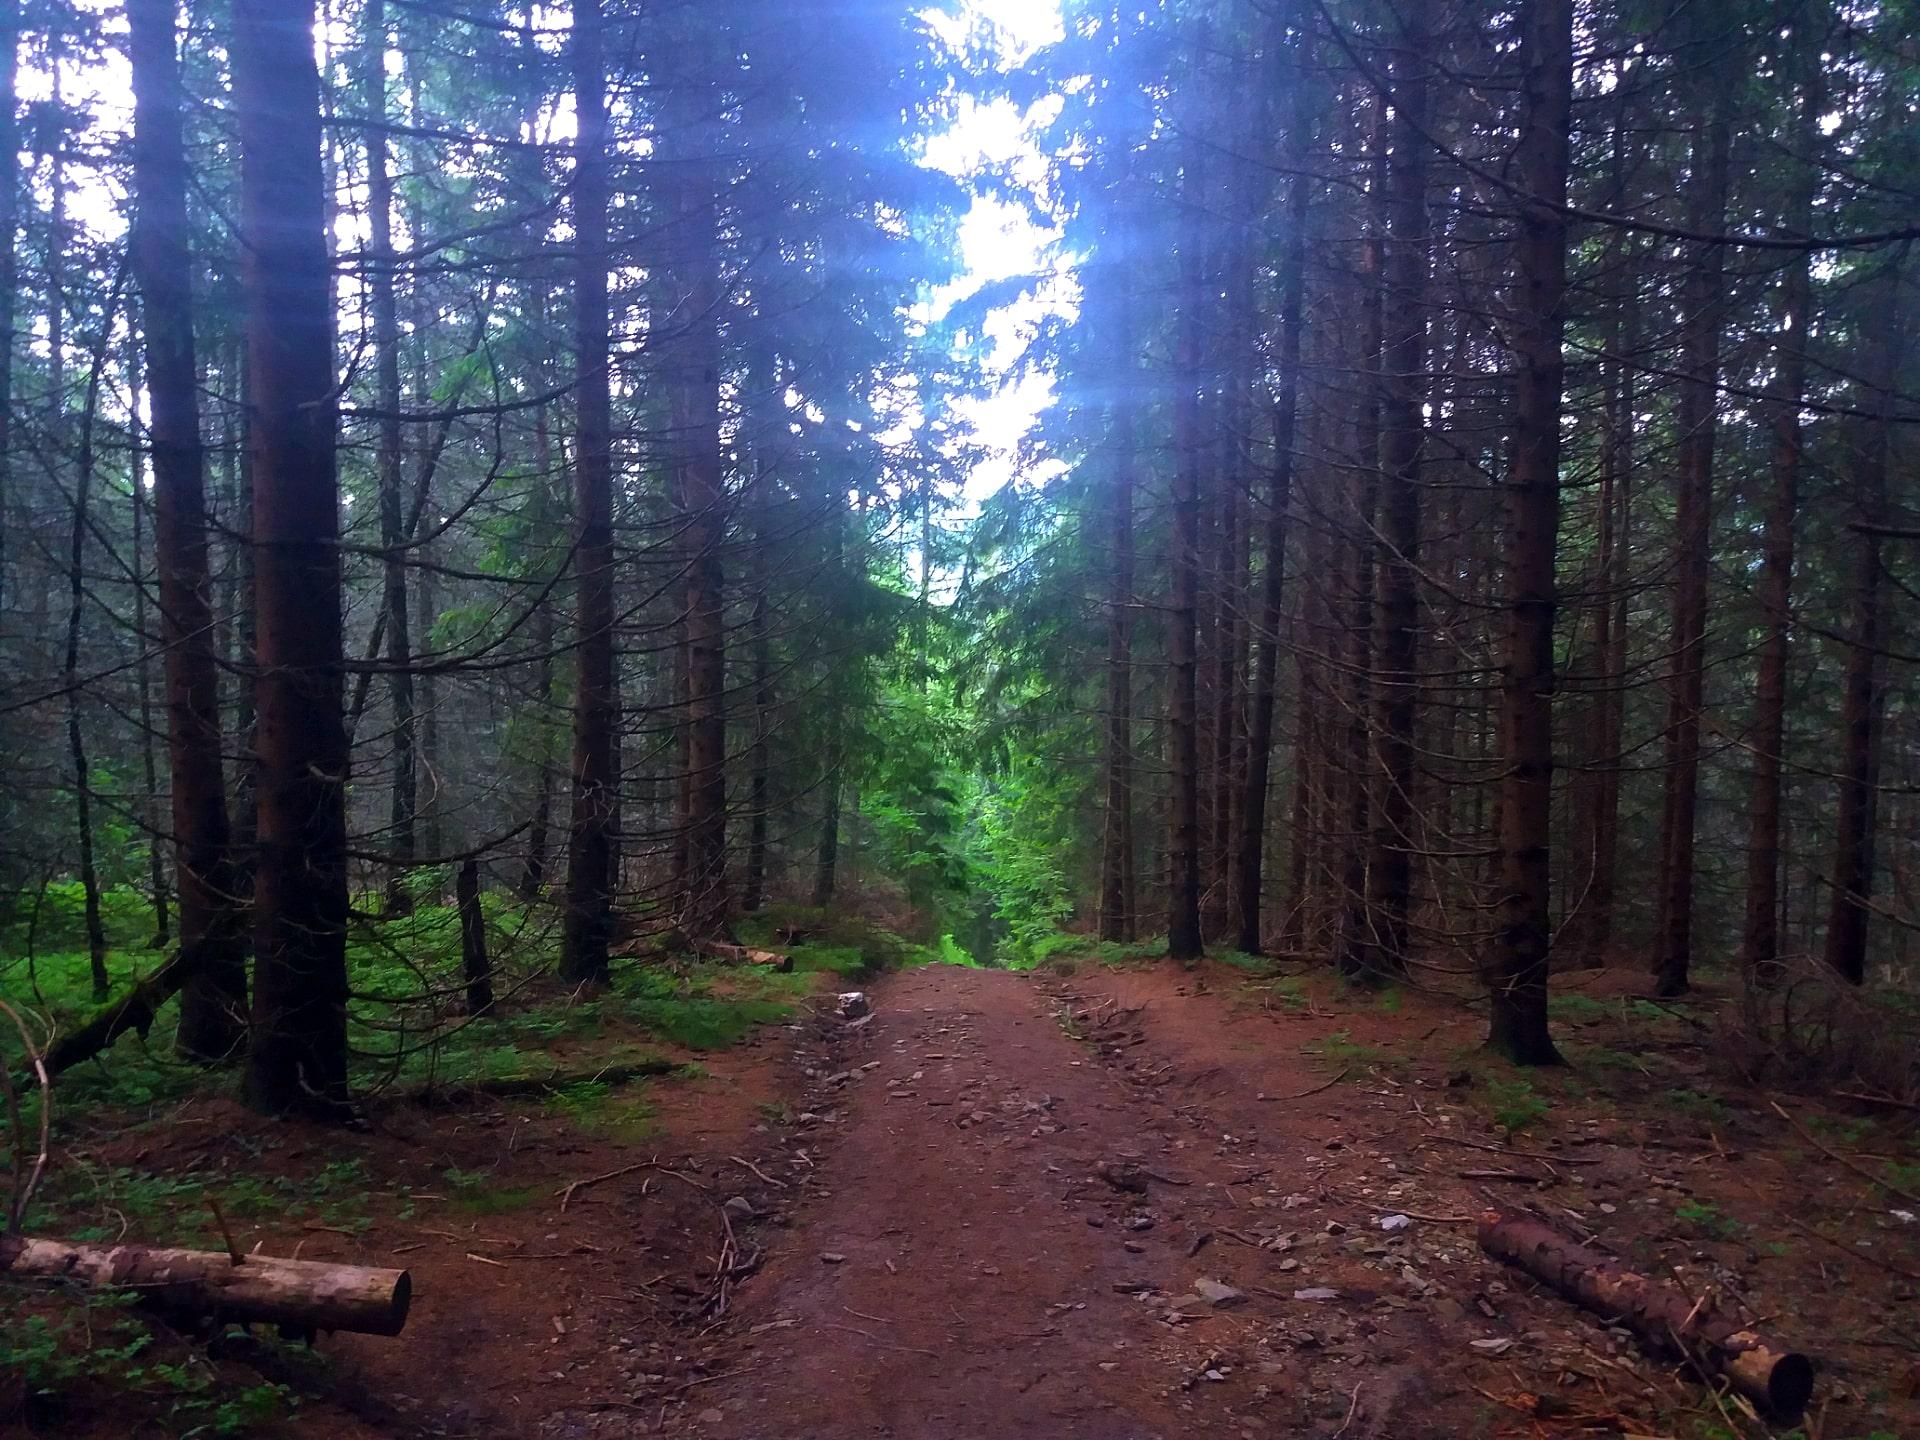 Les, Kráľova hoľa